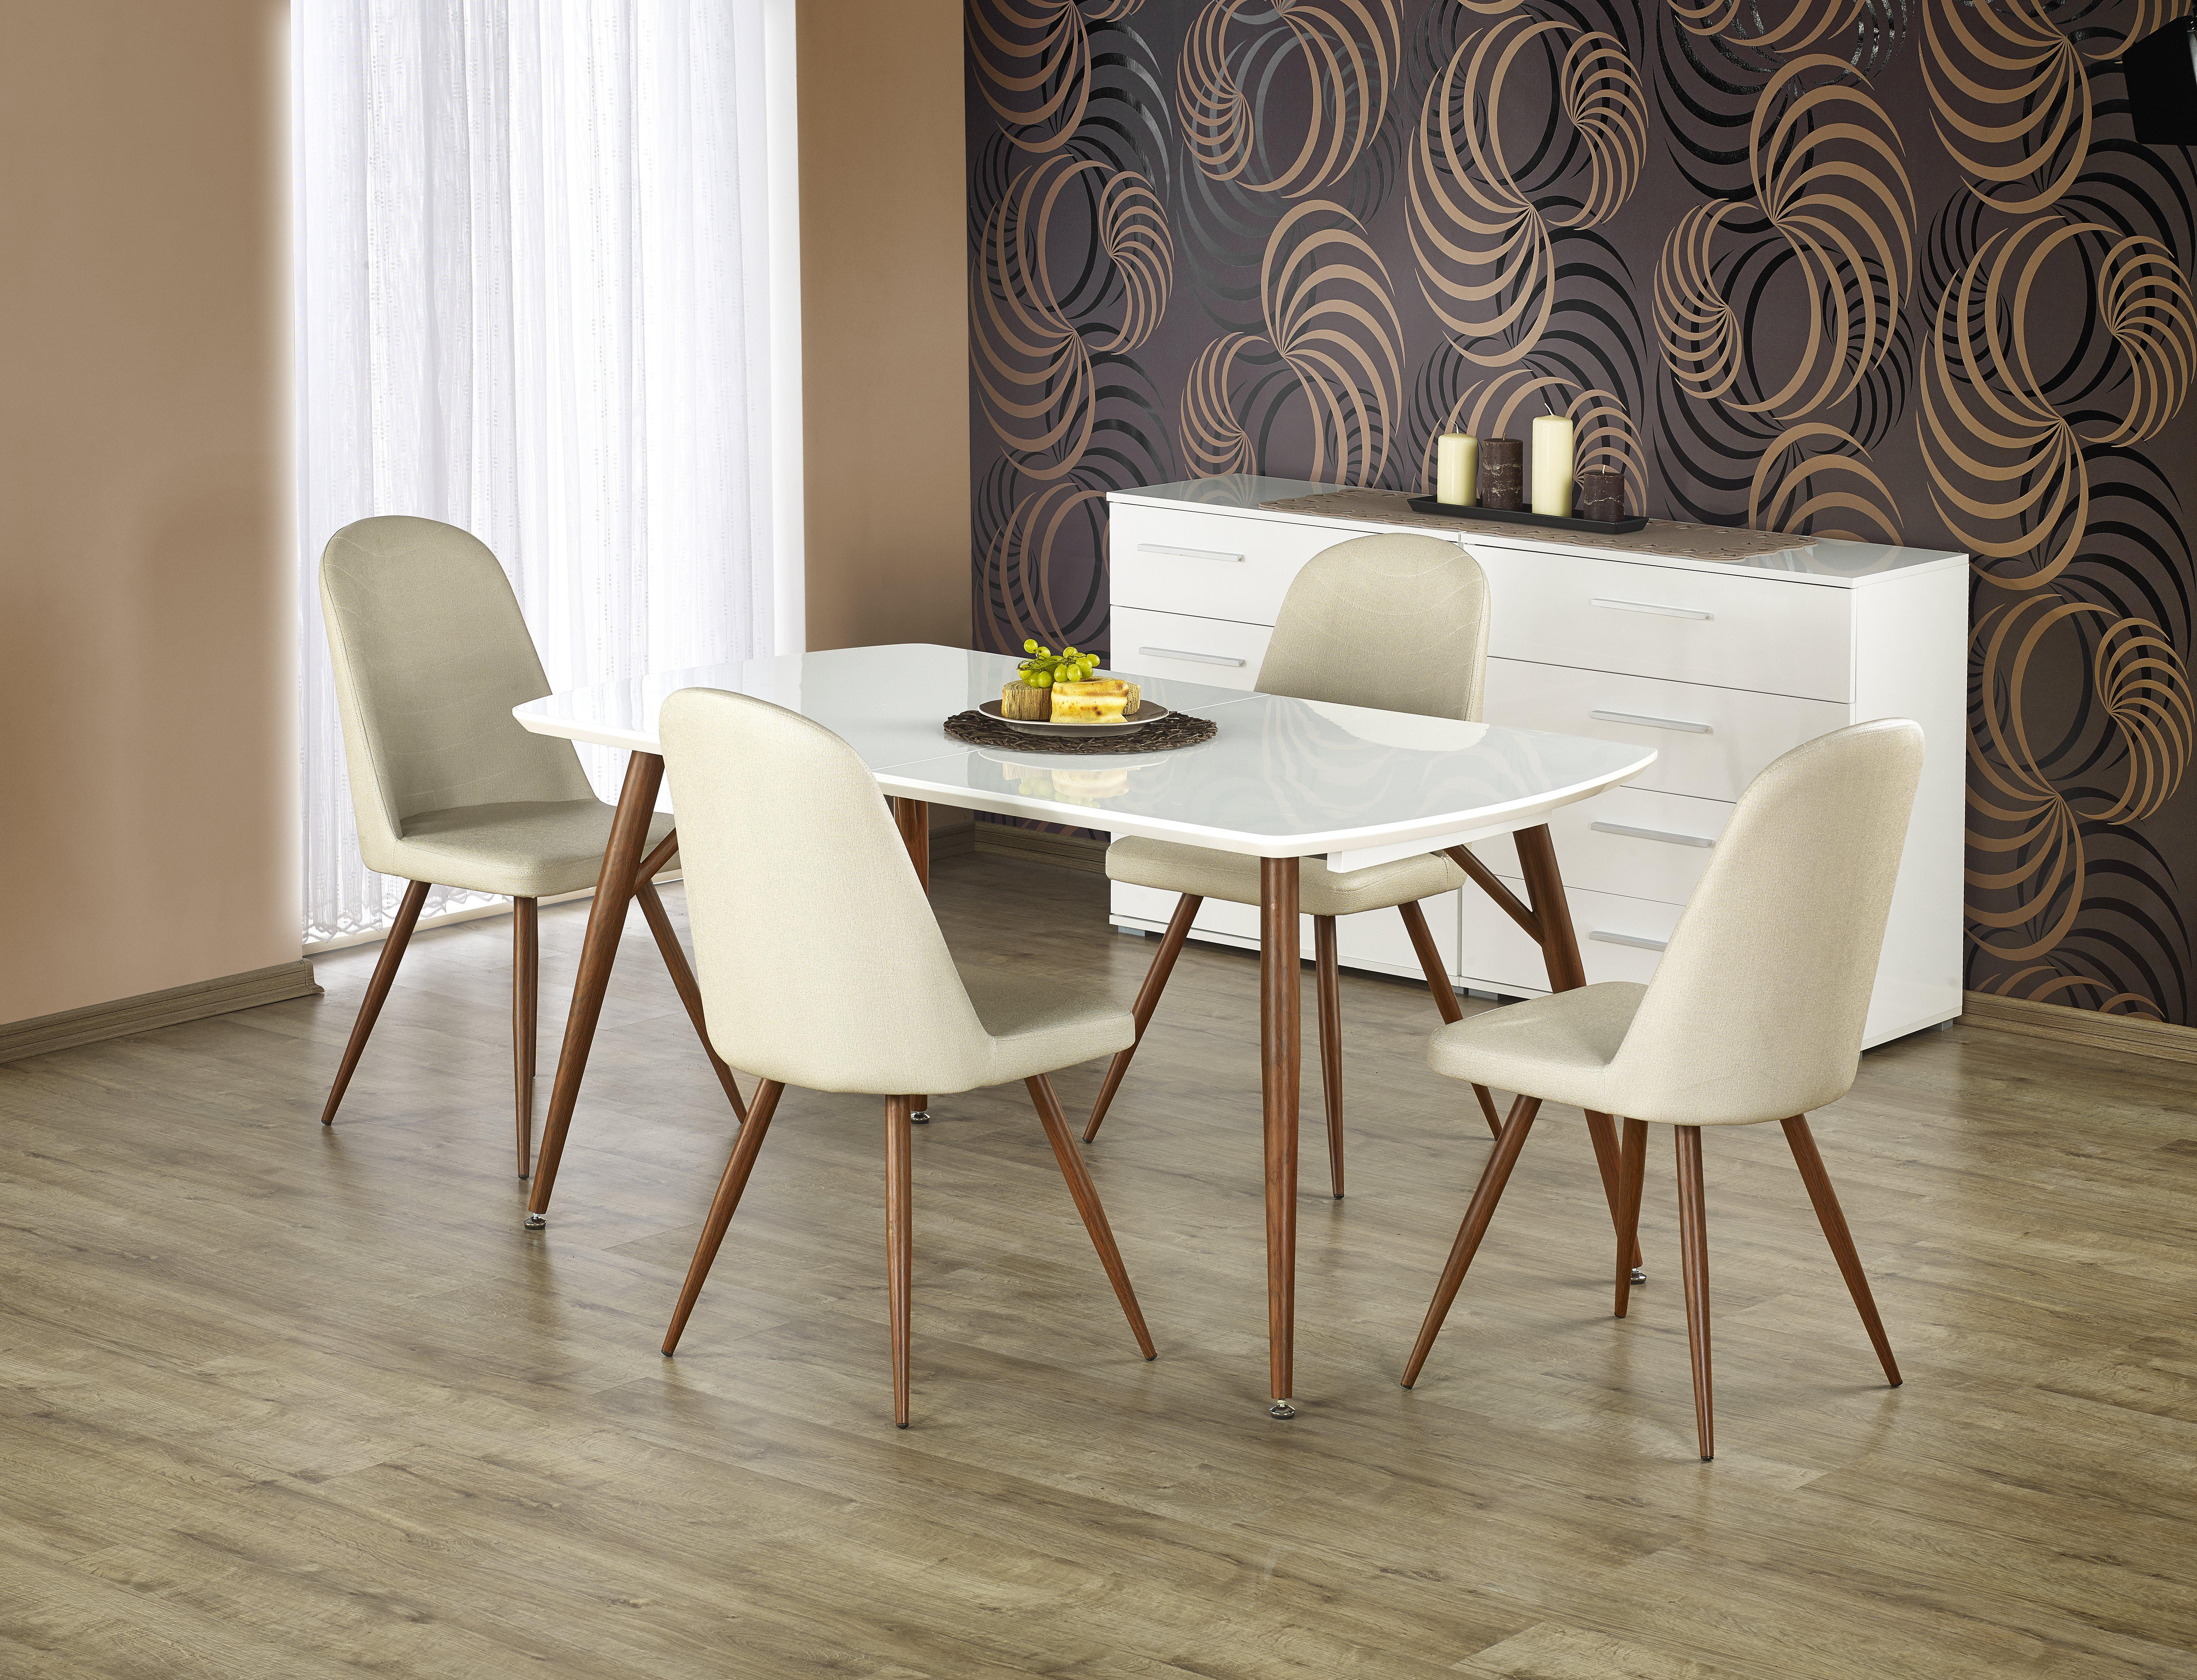 Jedálenský stôl Richard (pre 6 až 8 osôb)